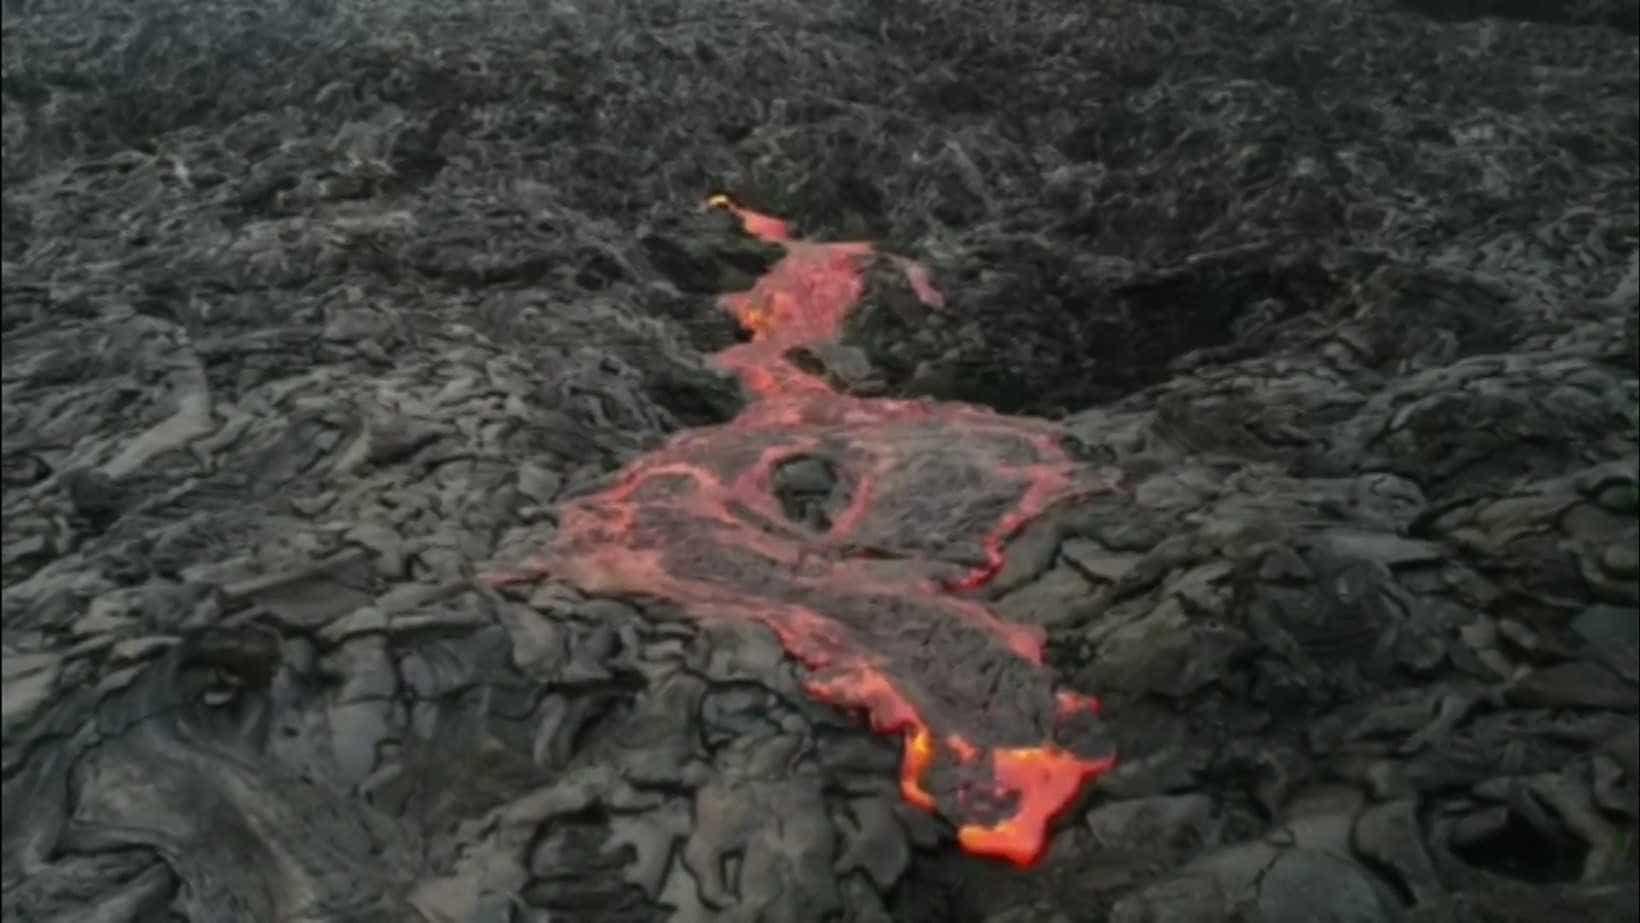 Homem tem perna desfeita com respingo de lava do vulcão no Havaí